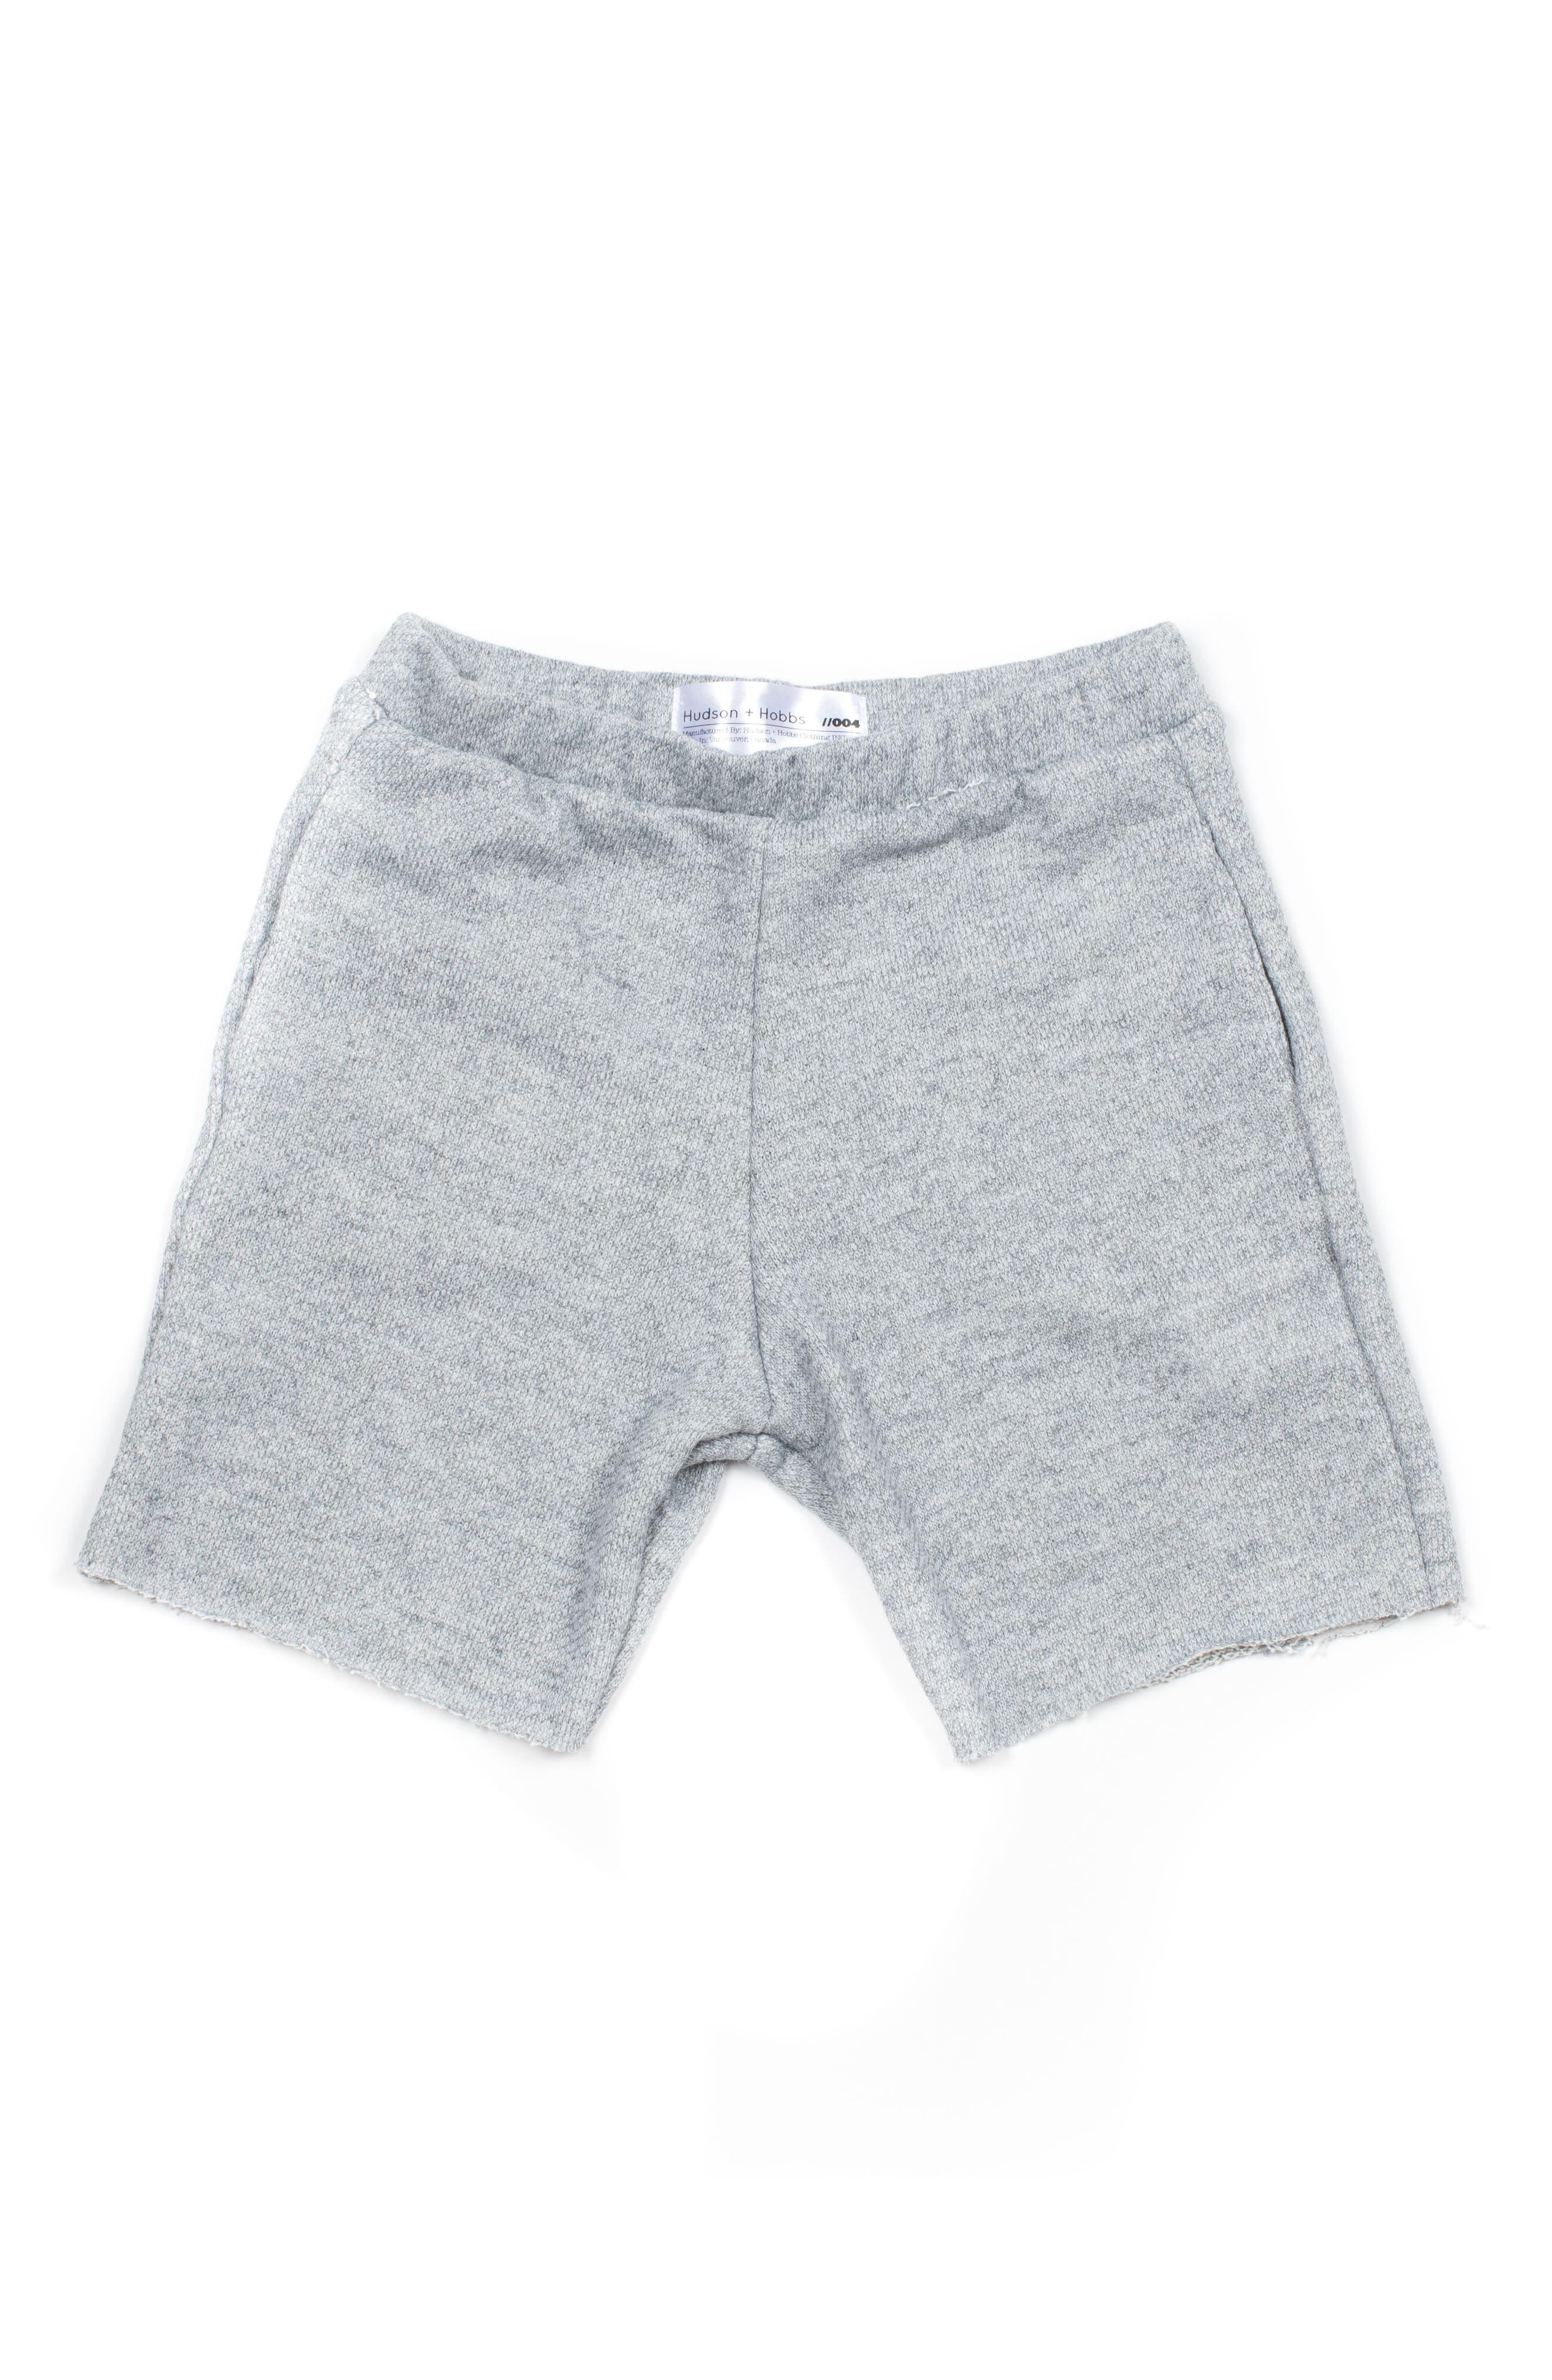 Chance Shorts,                         Main,                         color, Grey